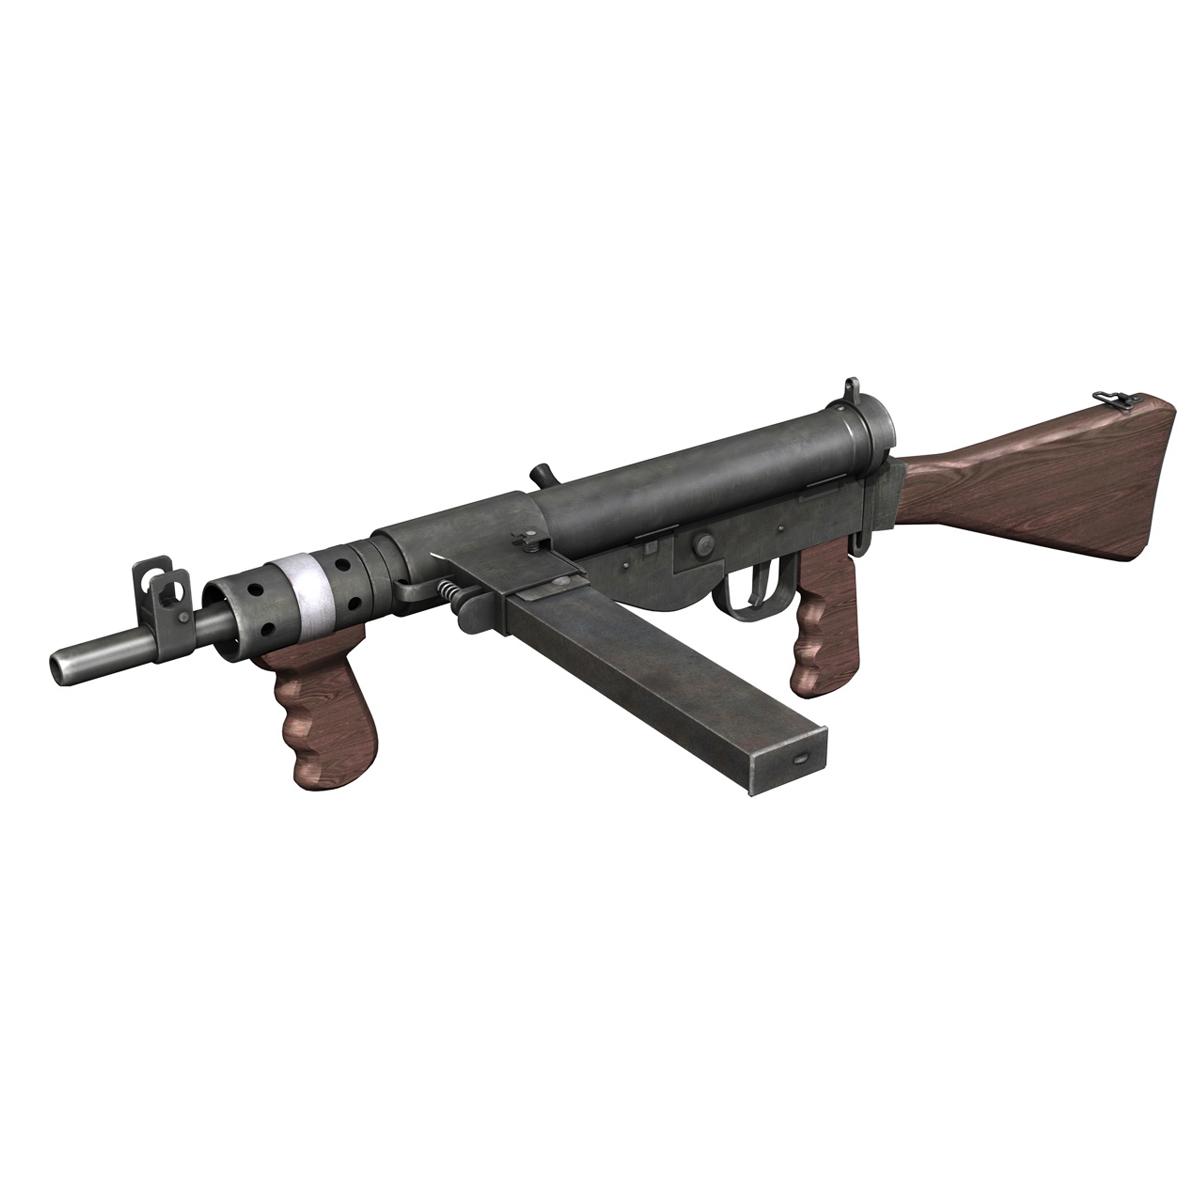 sten mk.v submachine gun 3d model 3ds fbx c4d lwo obj 195128